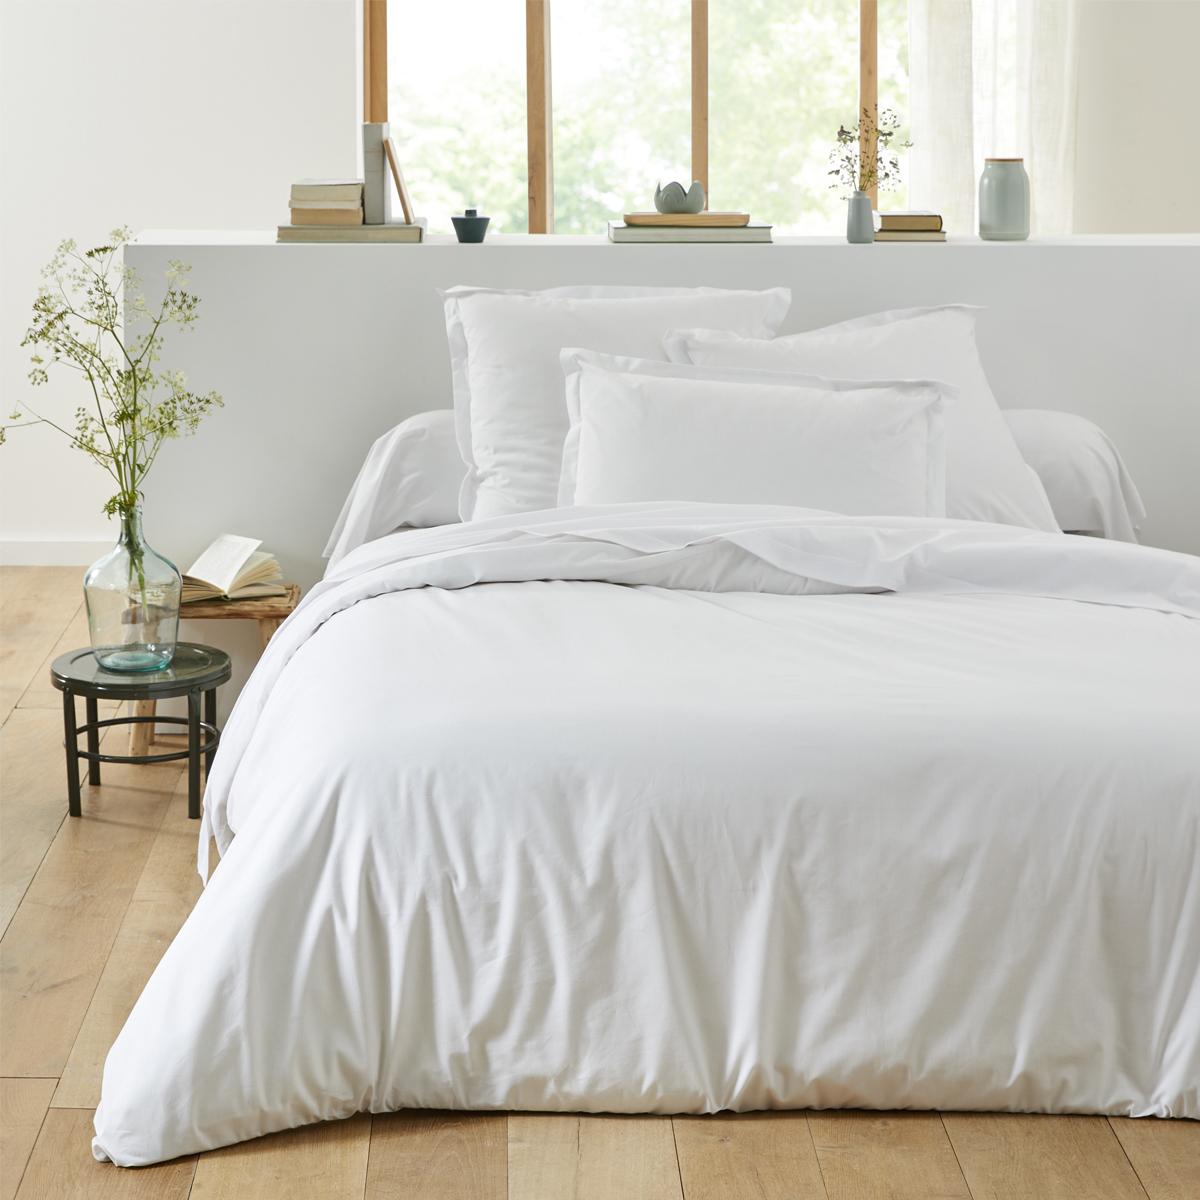 Housse de couette unie en coton blanc 140x200